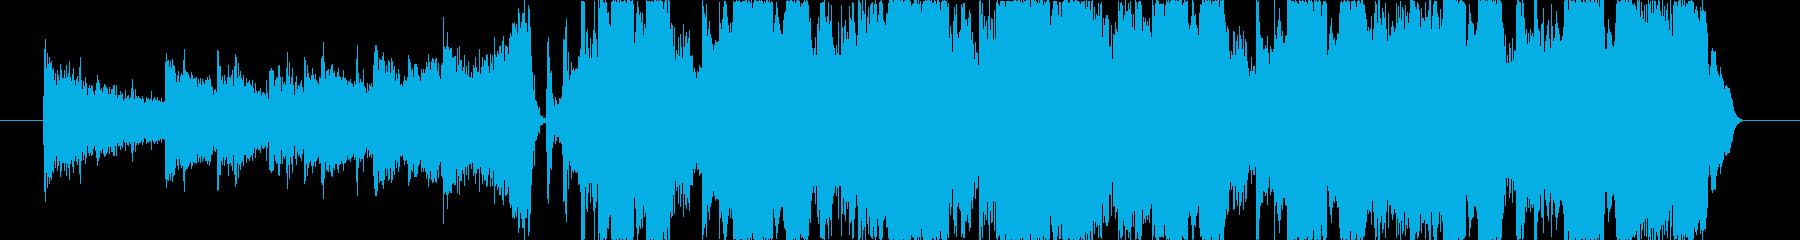 爽やかでPOPなEDMジングル CMの再生済みの波形